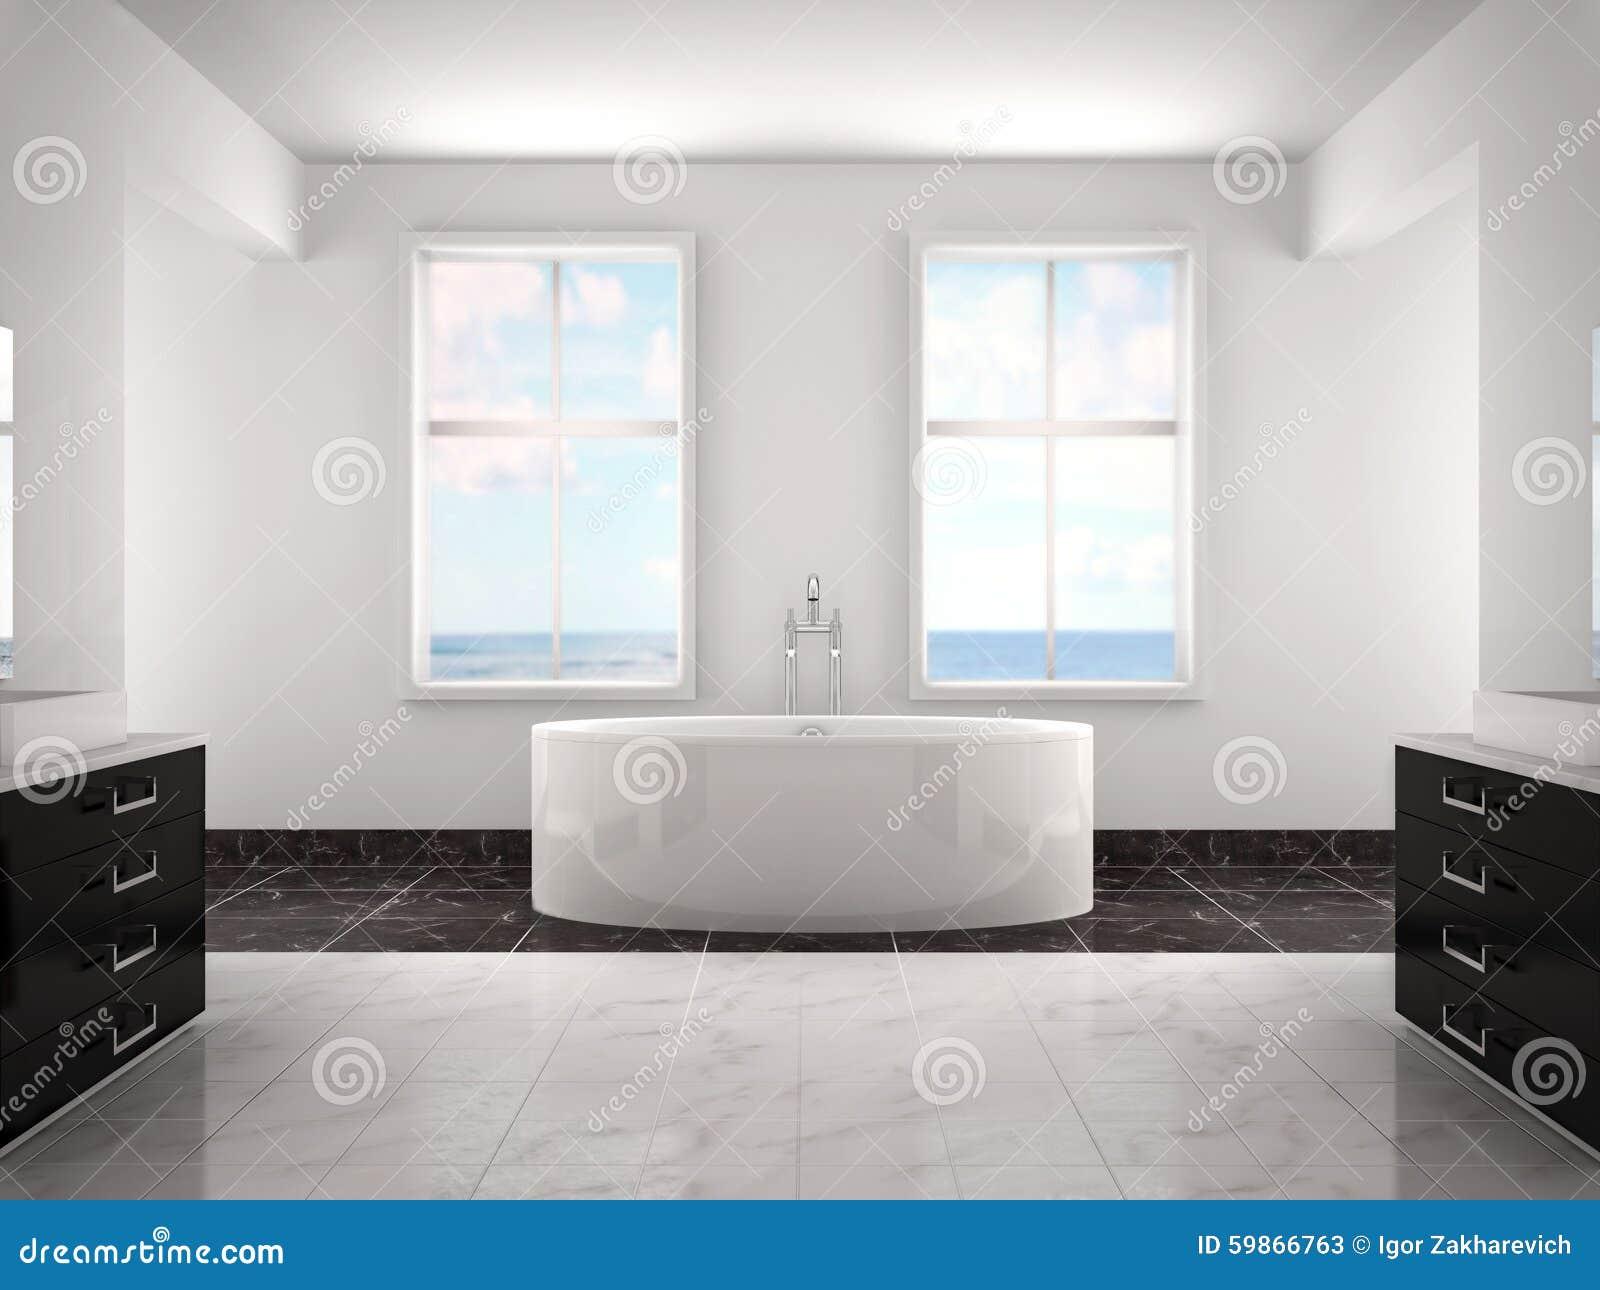 Ilustração 3d do banheiro luxuoso branco moderno